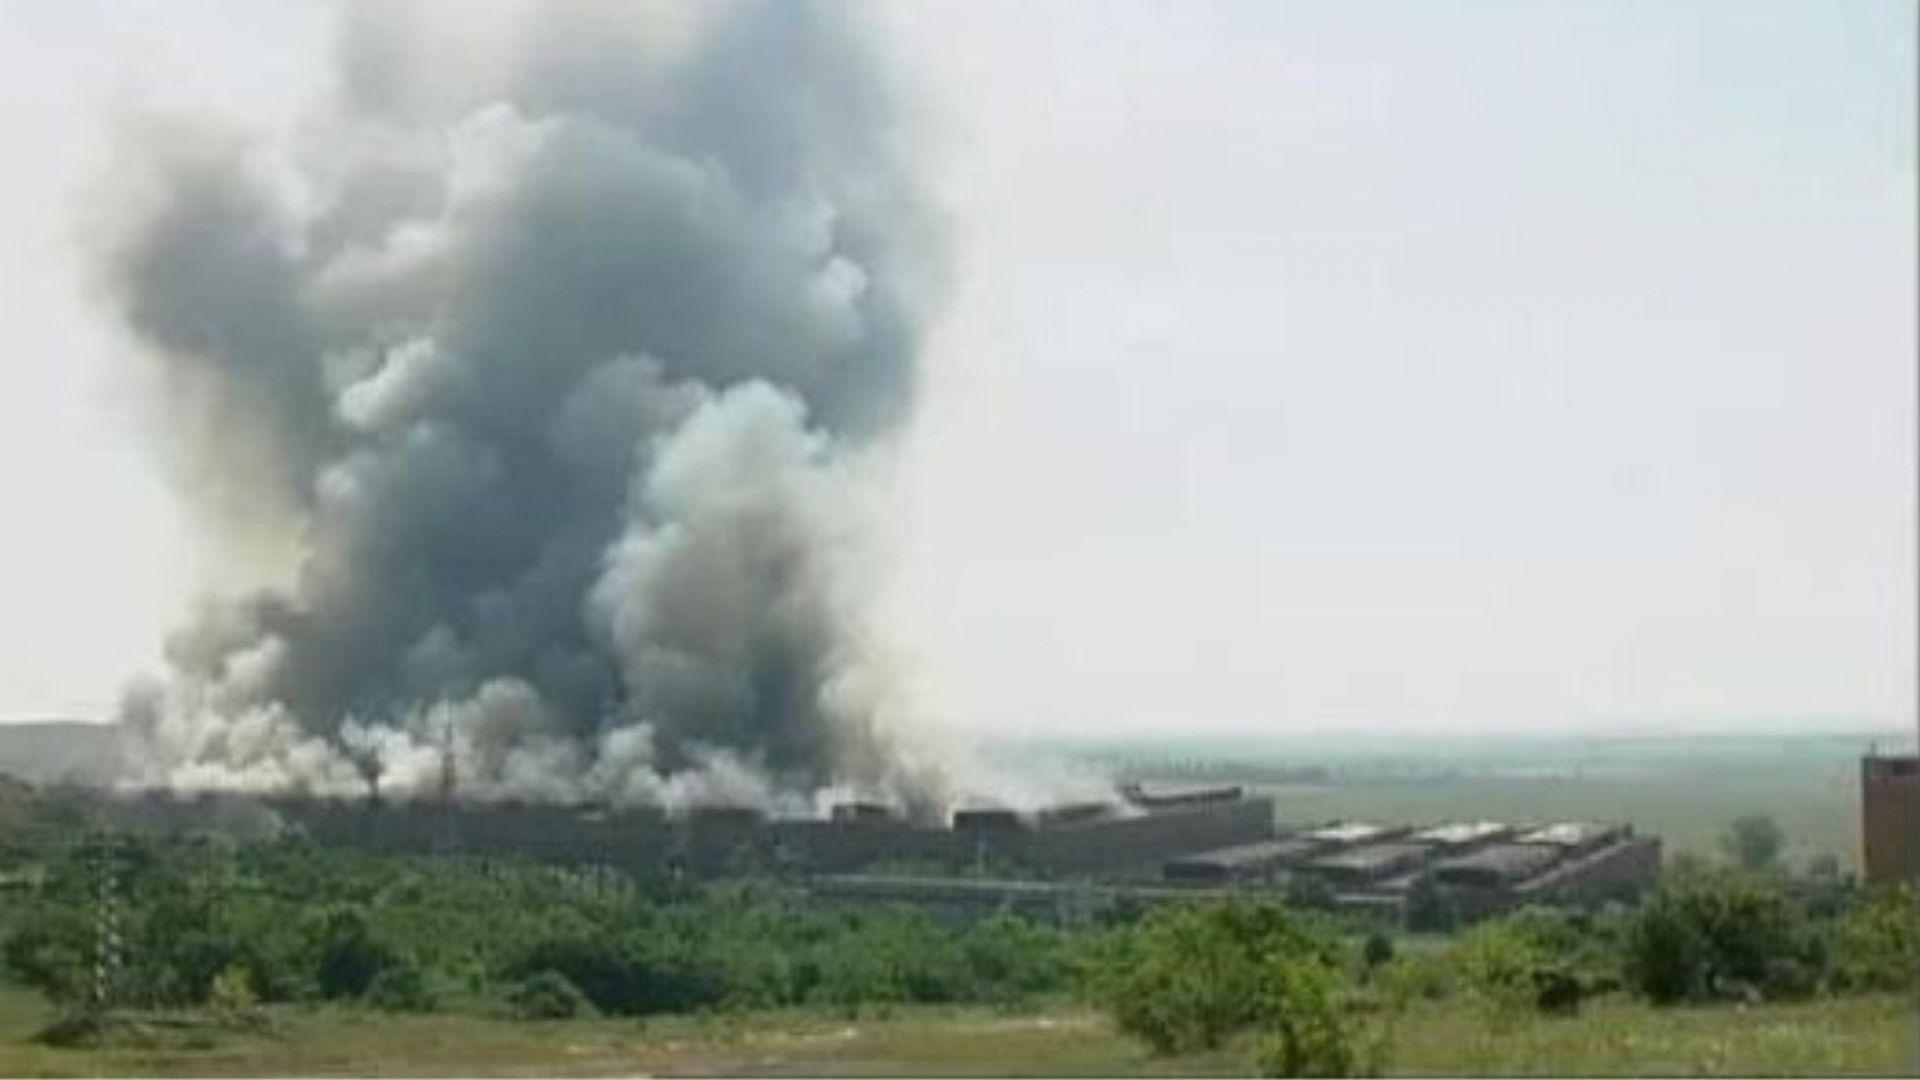 Засякоха фини прахови частици във въздуха от пожара край Шишманци